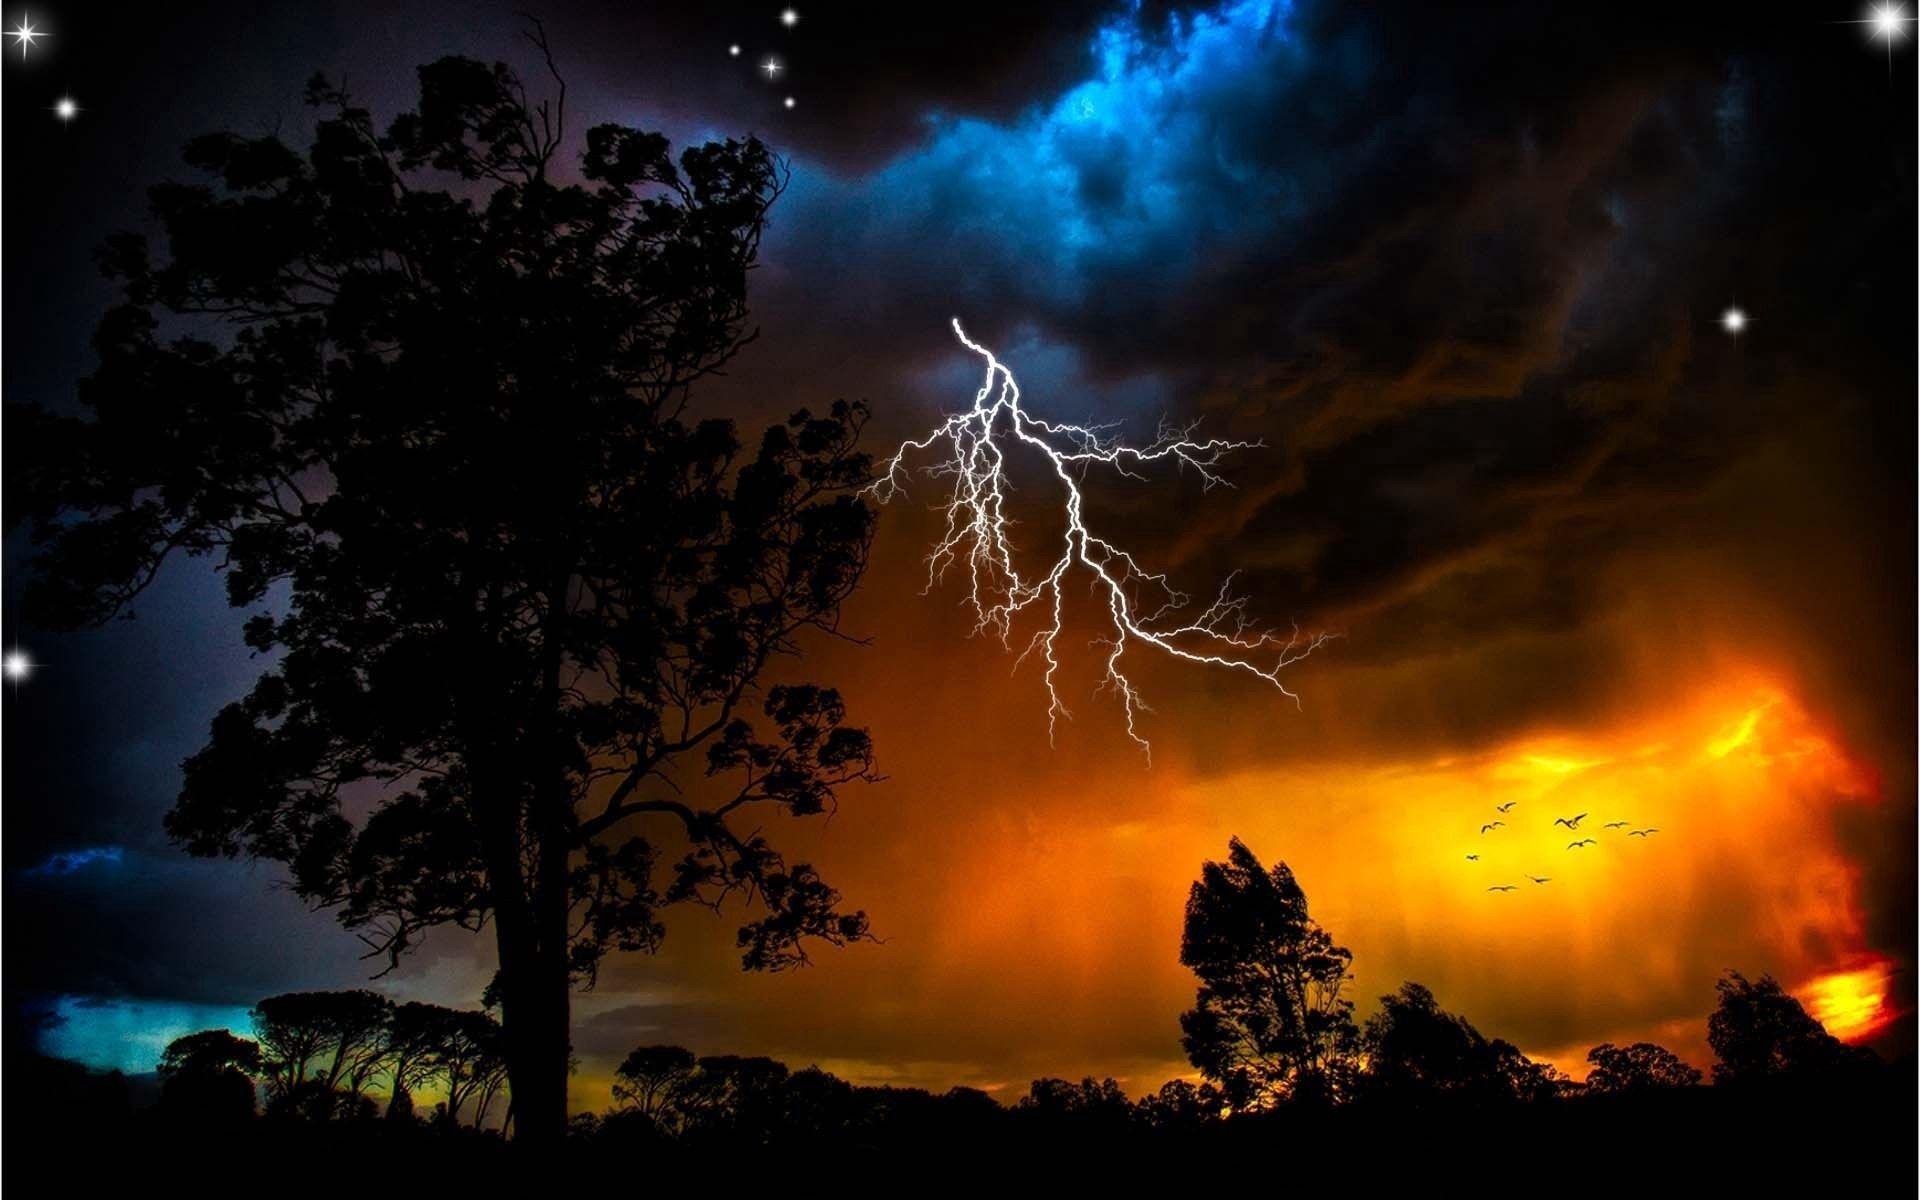 90408 скачать обои Ночь, Молния, Деревья, Птицы, Природа, Небо, Звезды, Очертания, Оранжевый, Непогода - заставки и картинки бесплатно